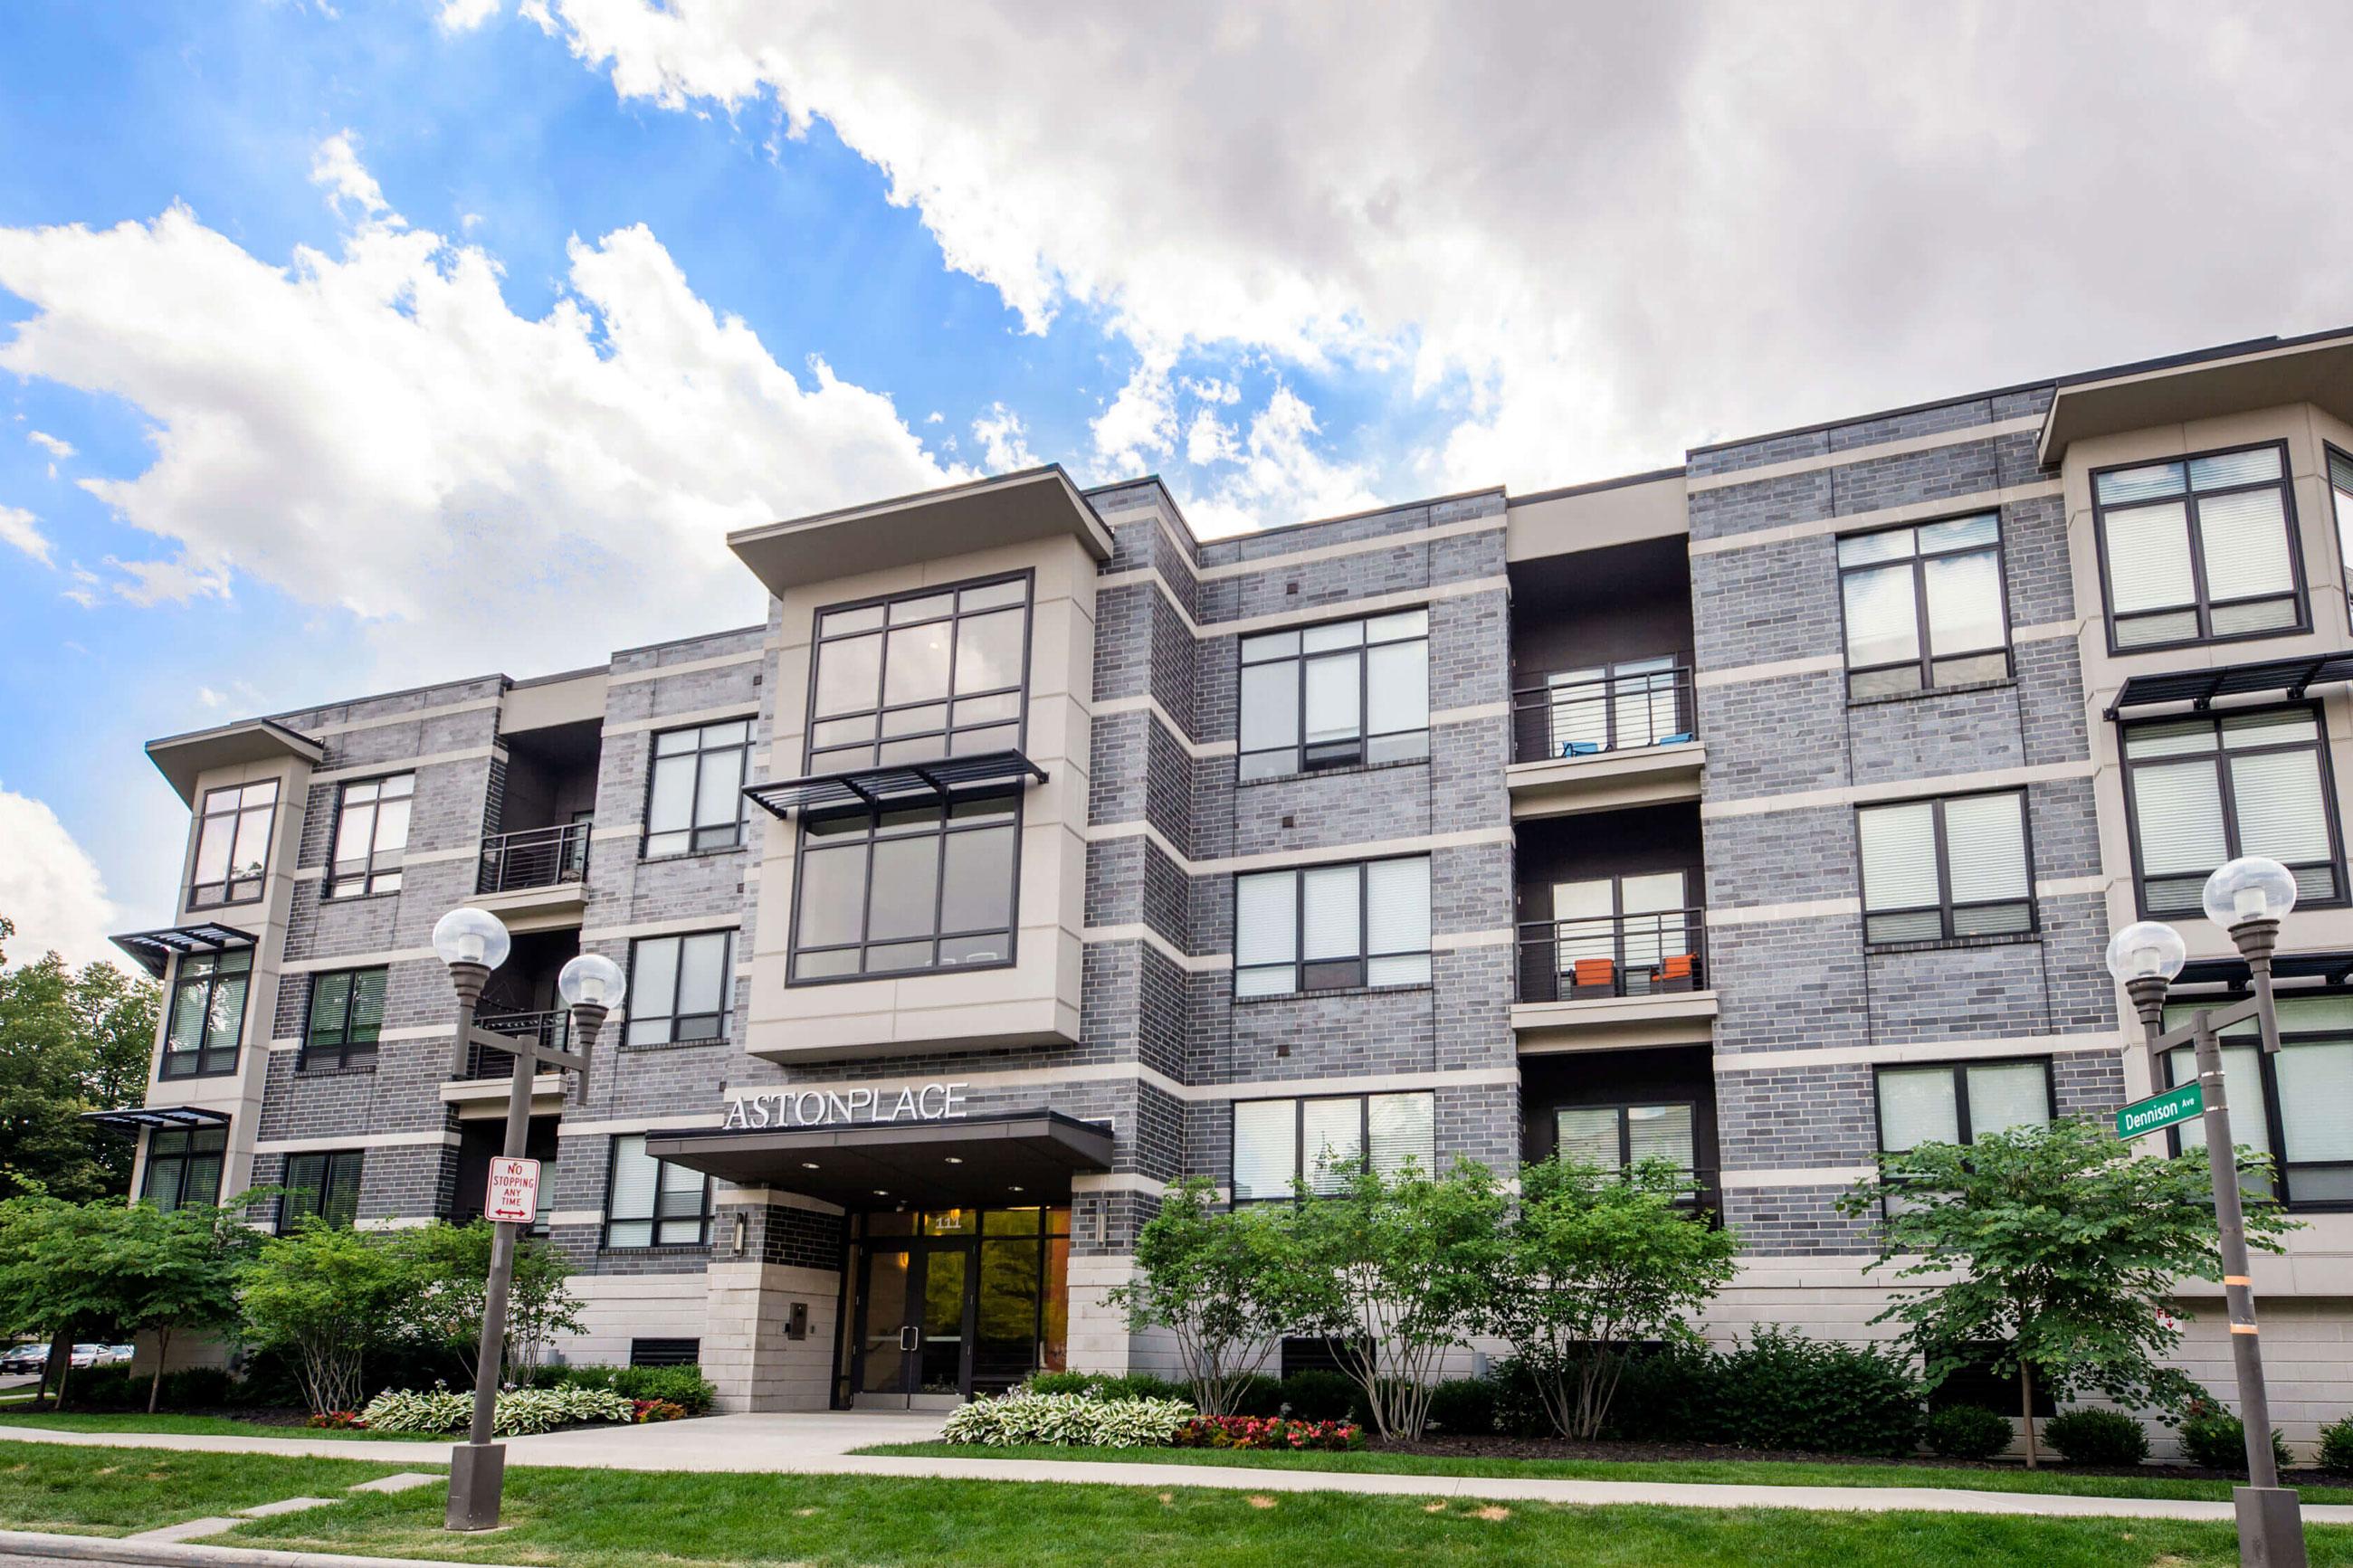 Apartment Buildings A Case Study